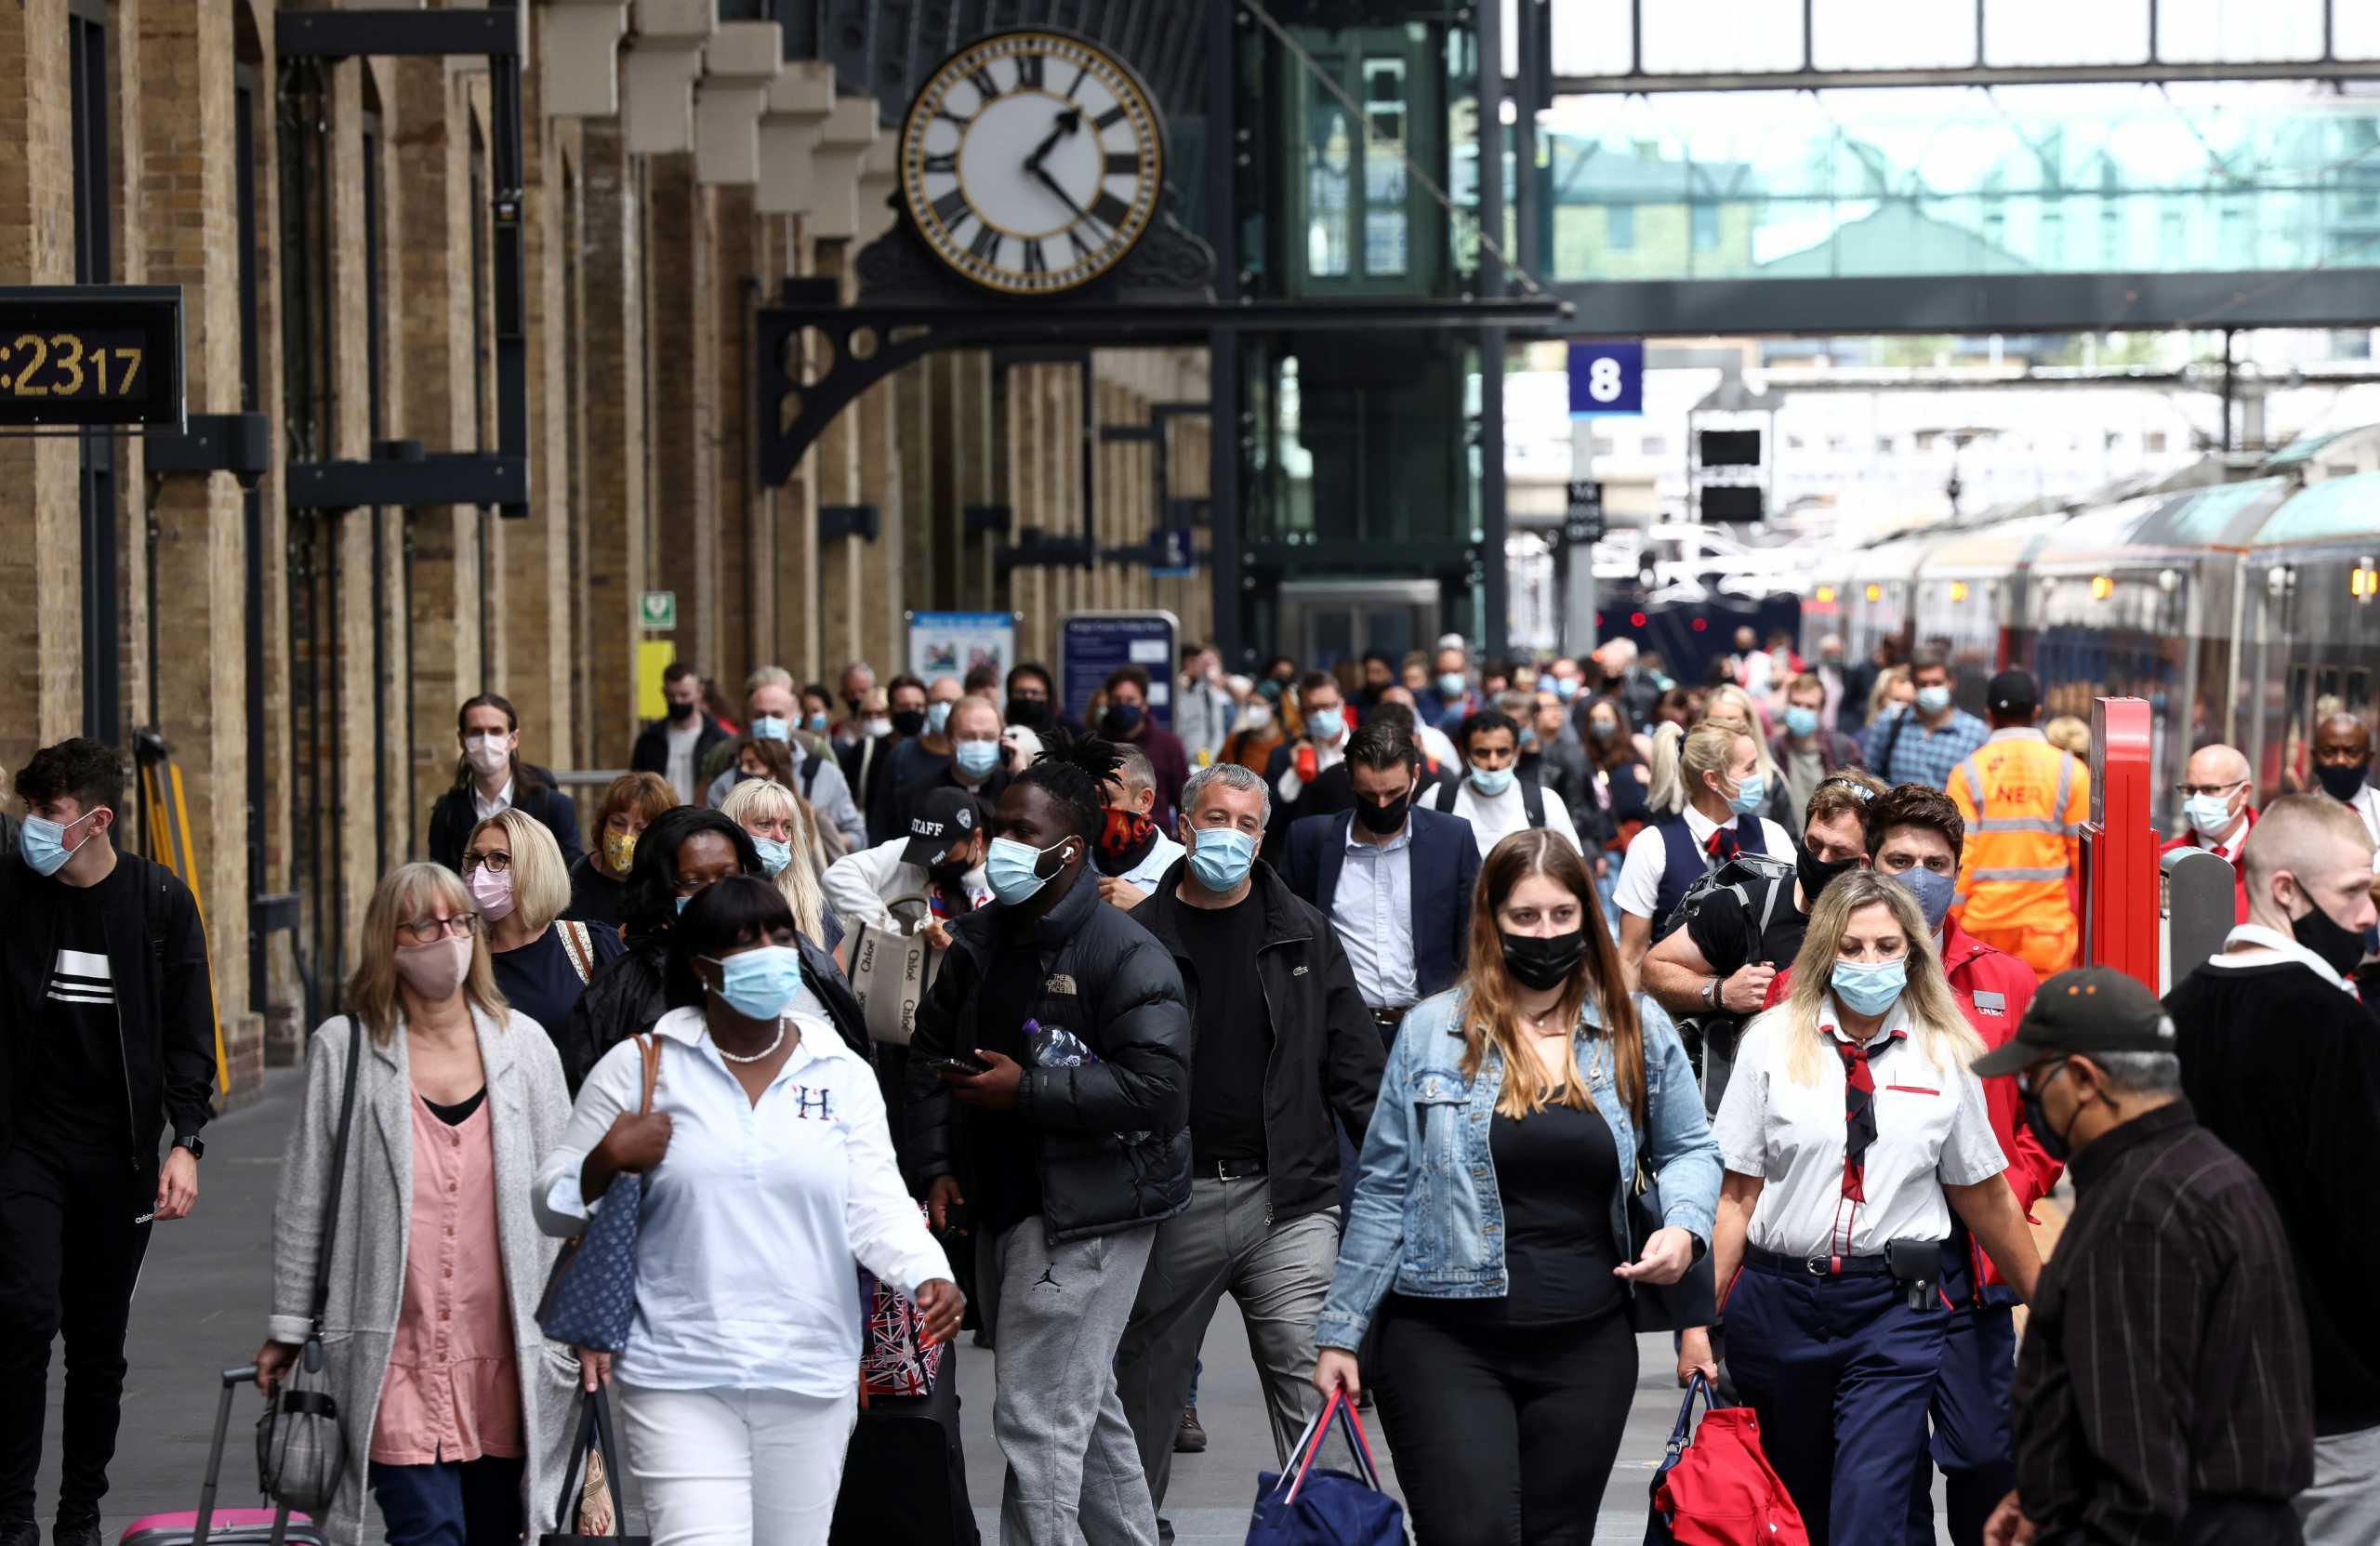 Γερμανία – κορονοϊός: Προστασία τουλάχιστον για ένα χρόνο σε όσους έχουν νοσήσει